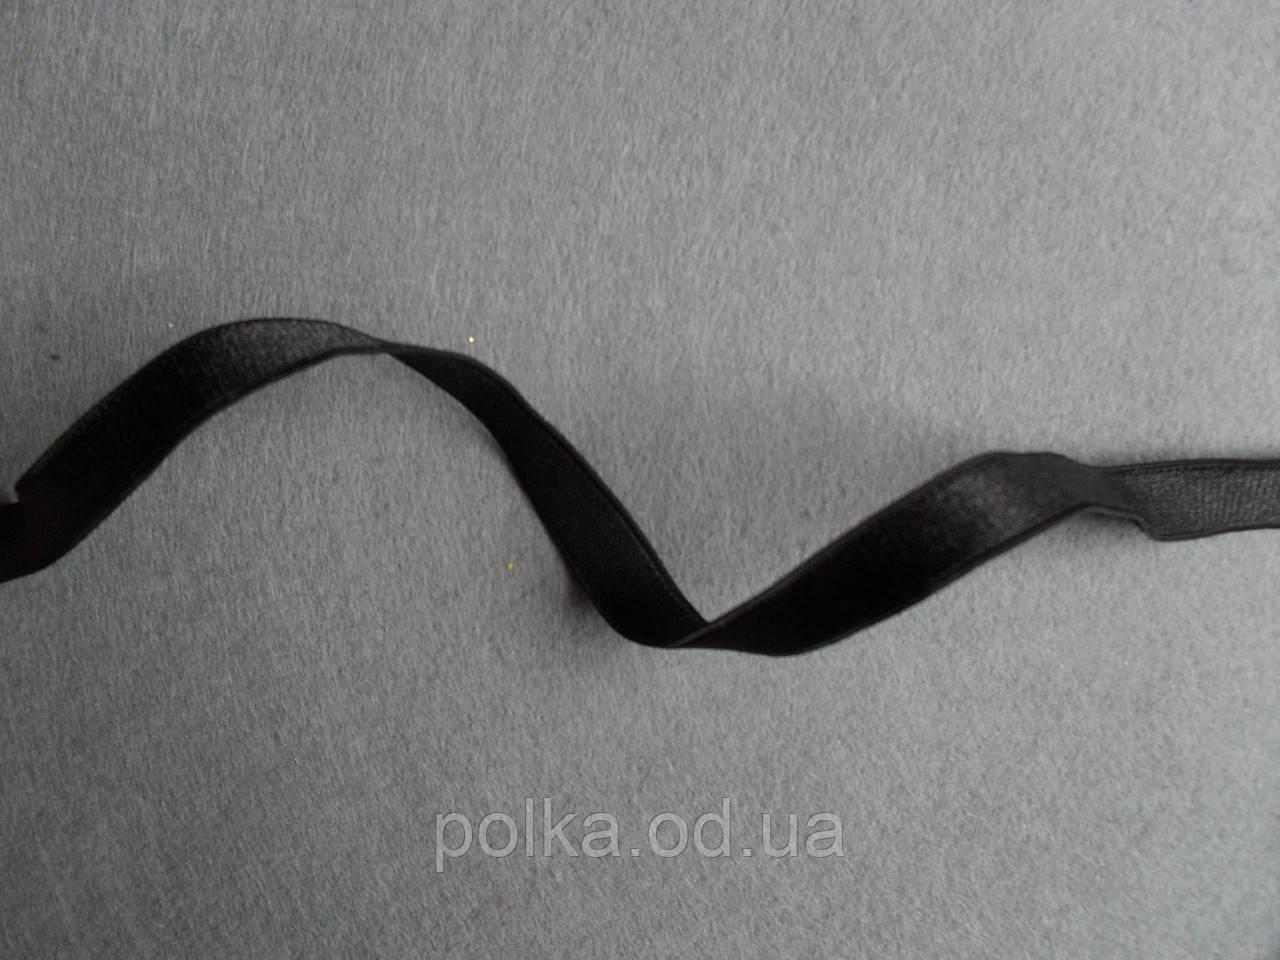 Резинка бретель черная, ширина 1см, цвет черный (Китай)